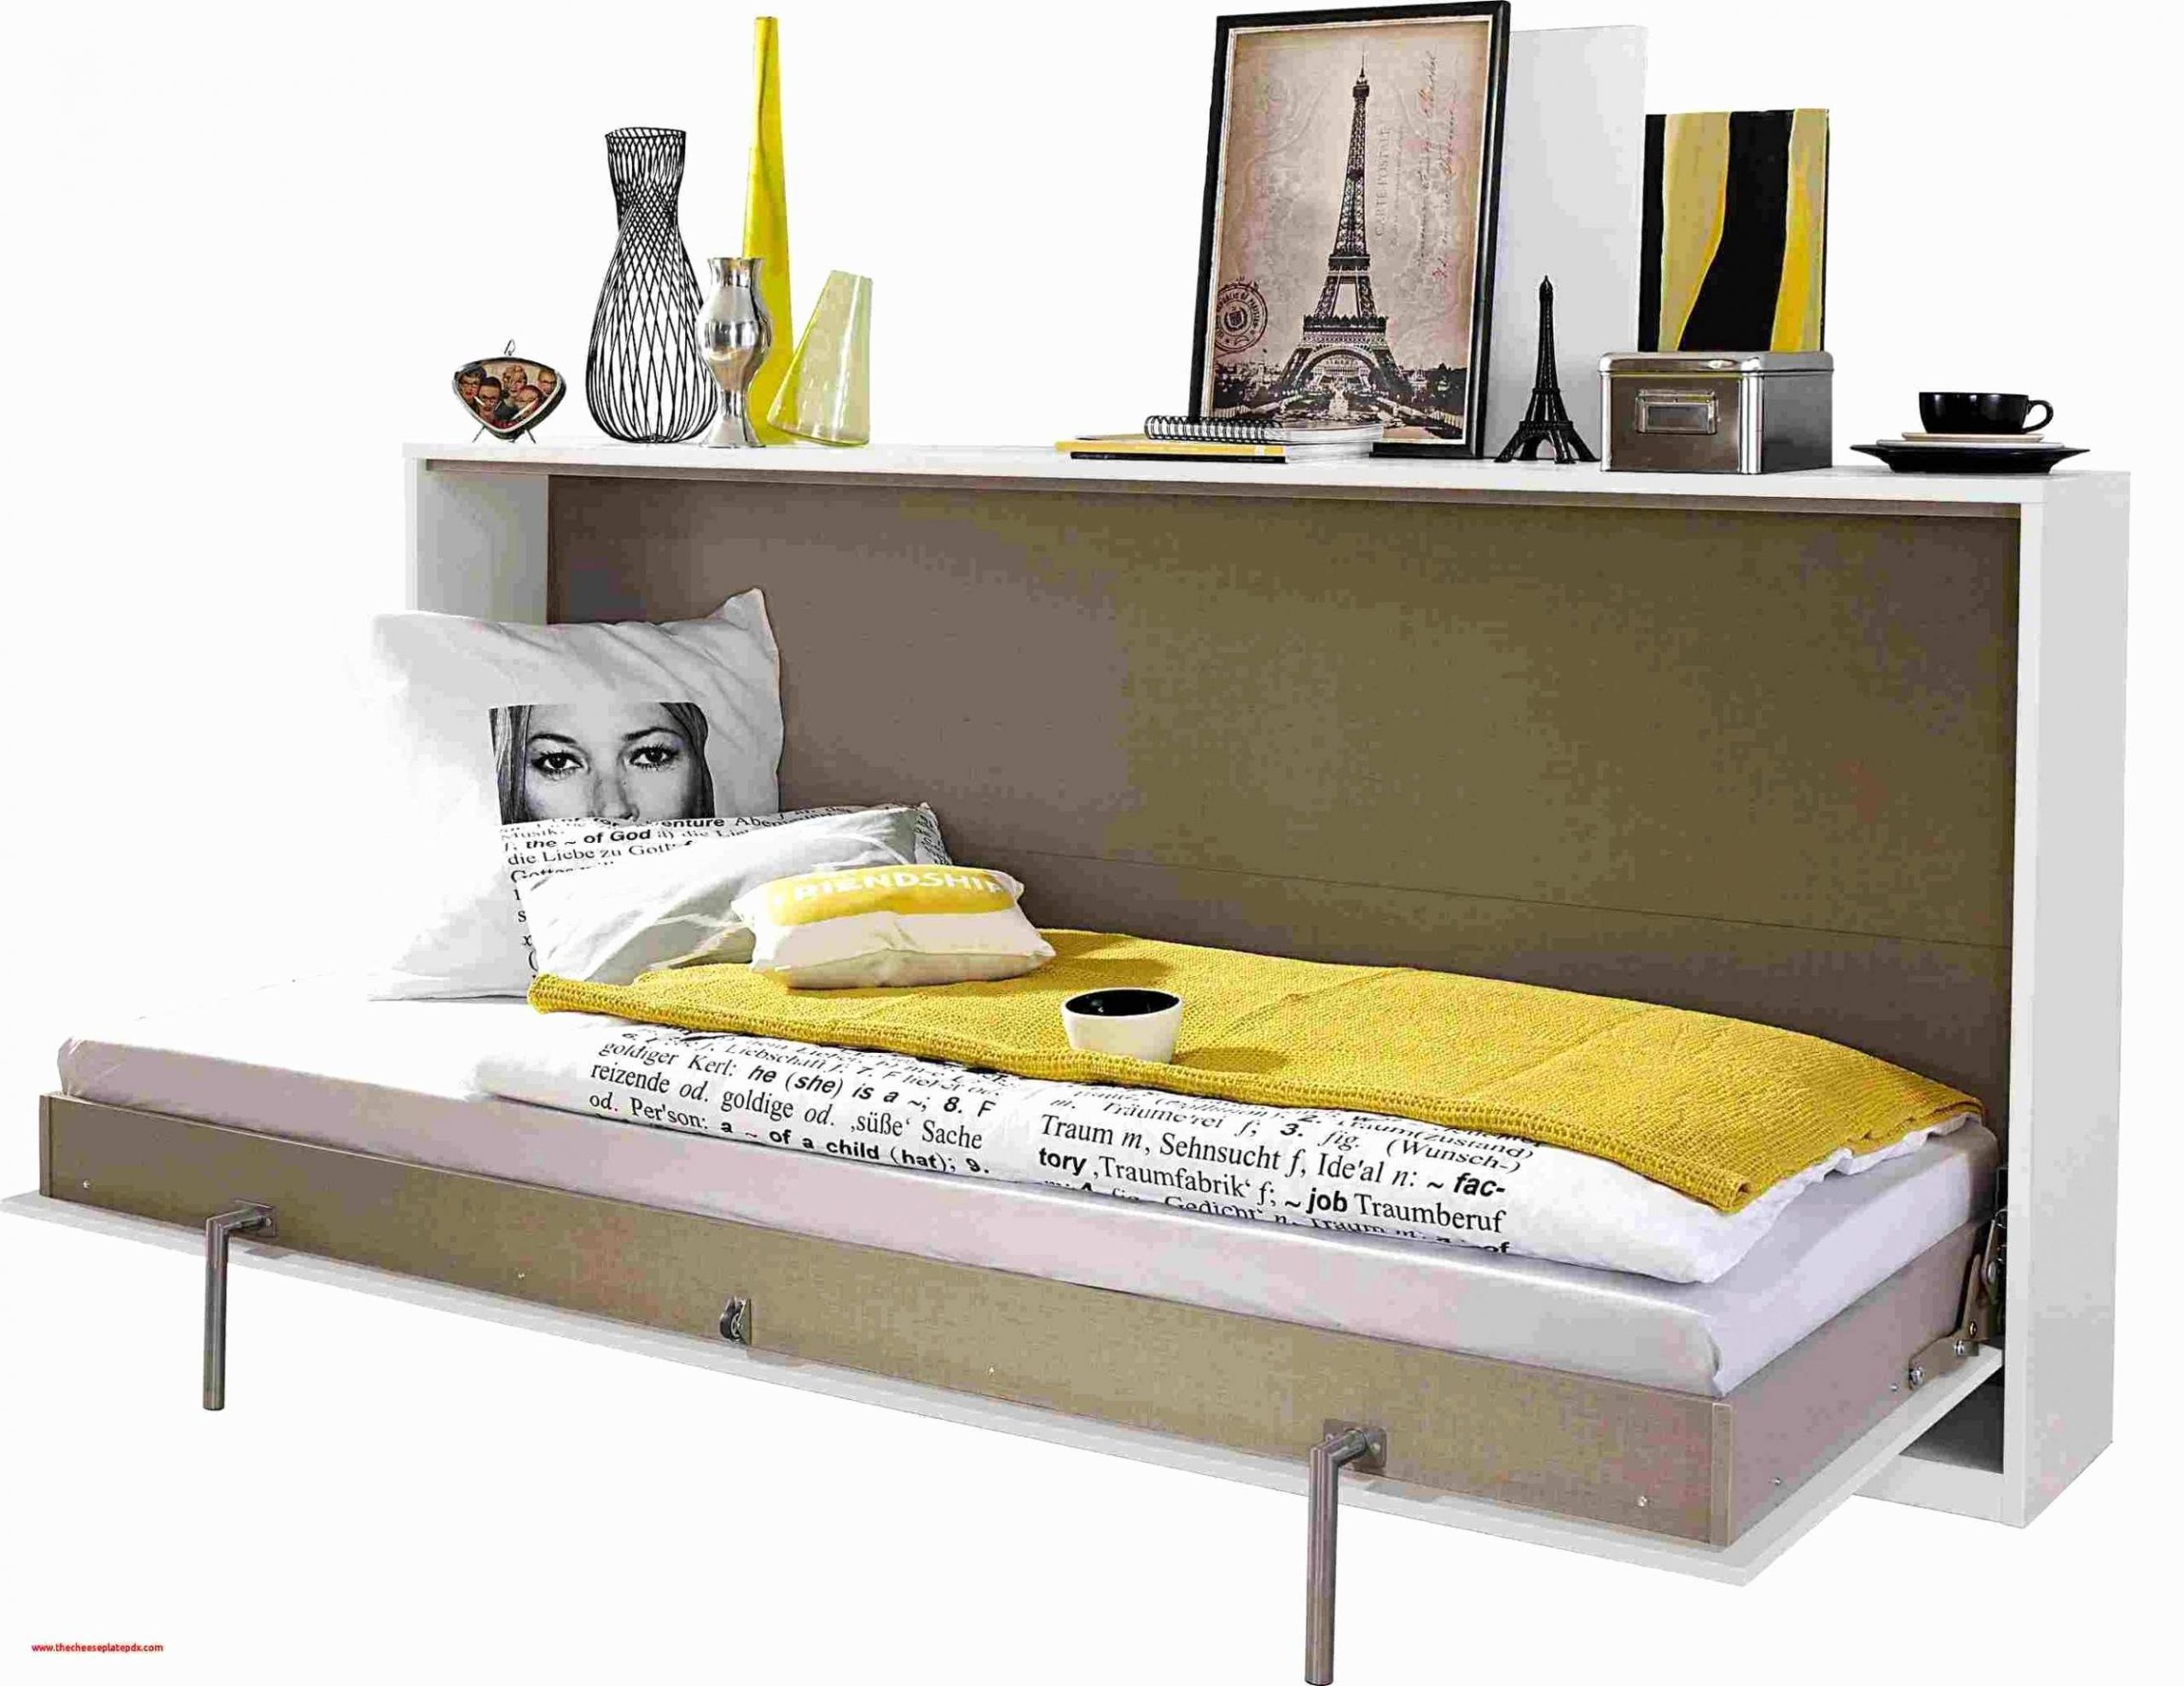 deko ideen schlafzimmer das beste von schlafzimmer dunkel das beste von teppich schlafzimmer deko of deko ideen schlafzimmer